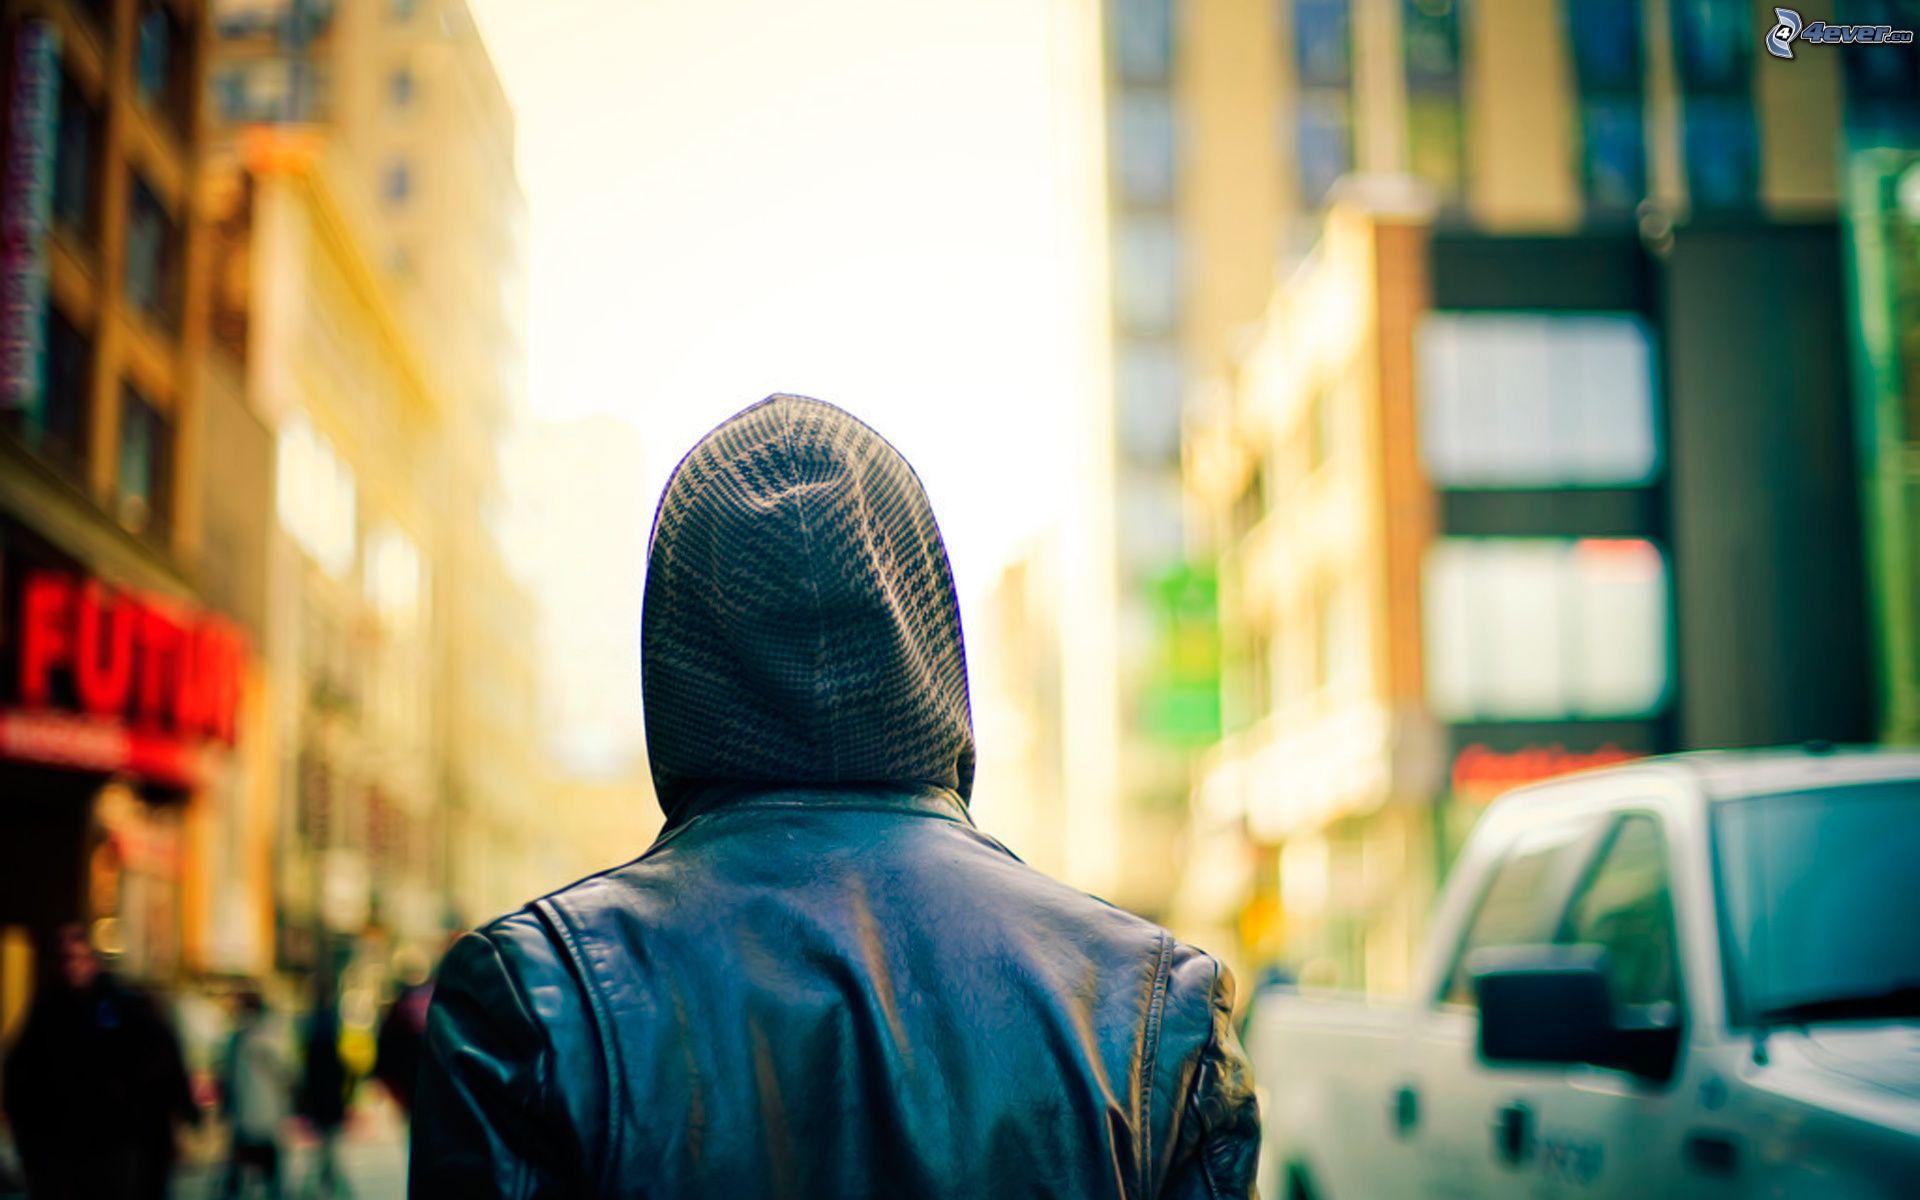 Фото на аву для парней без лица в кепке